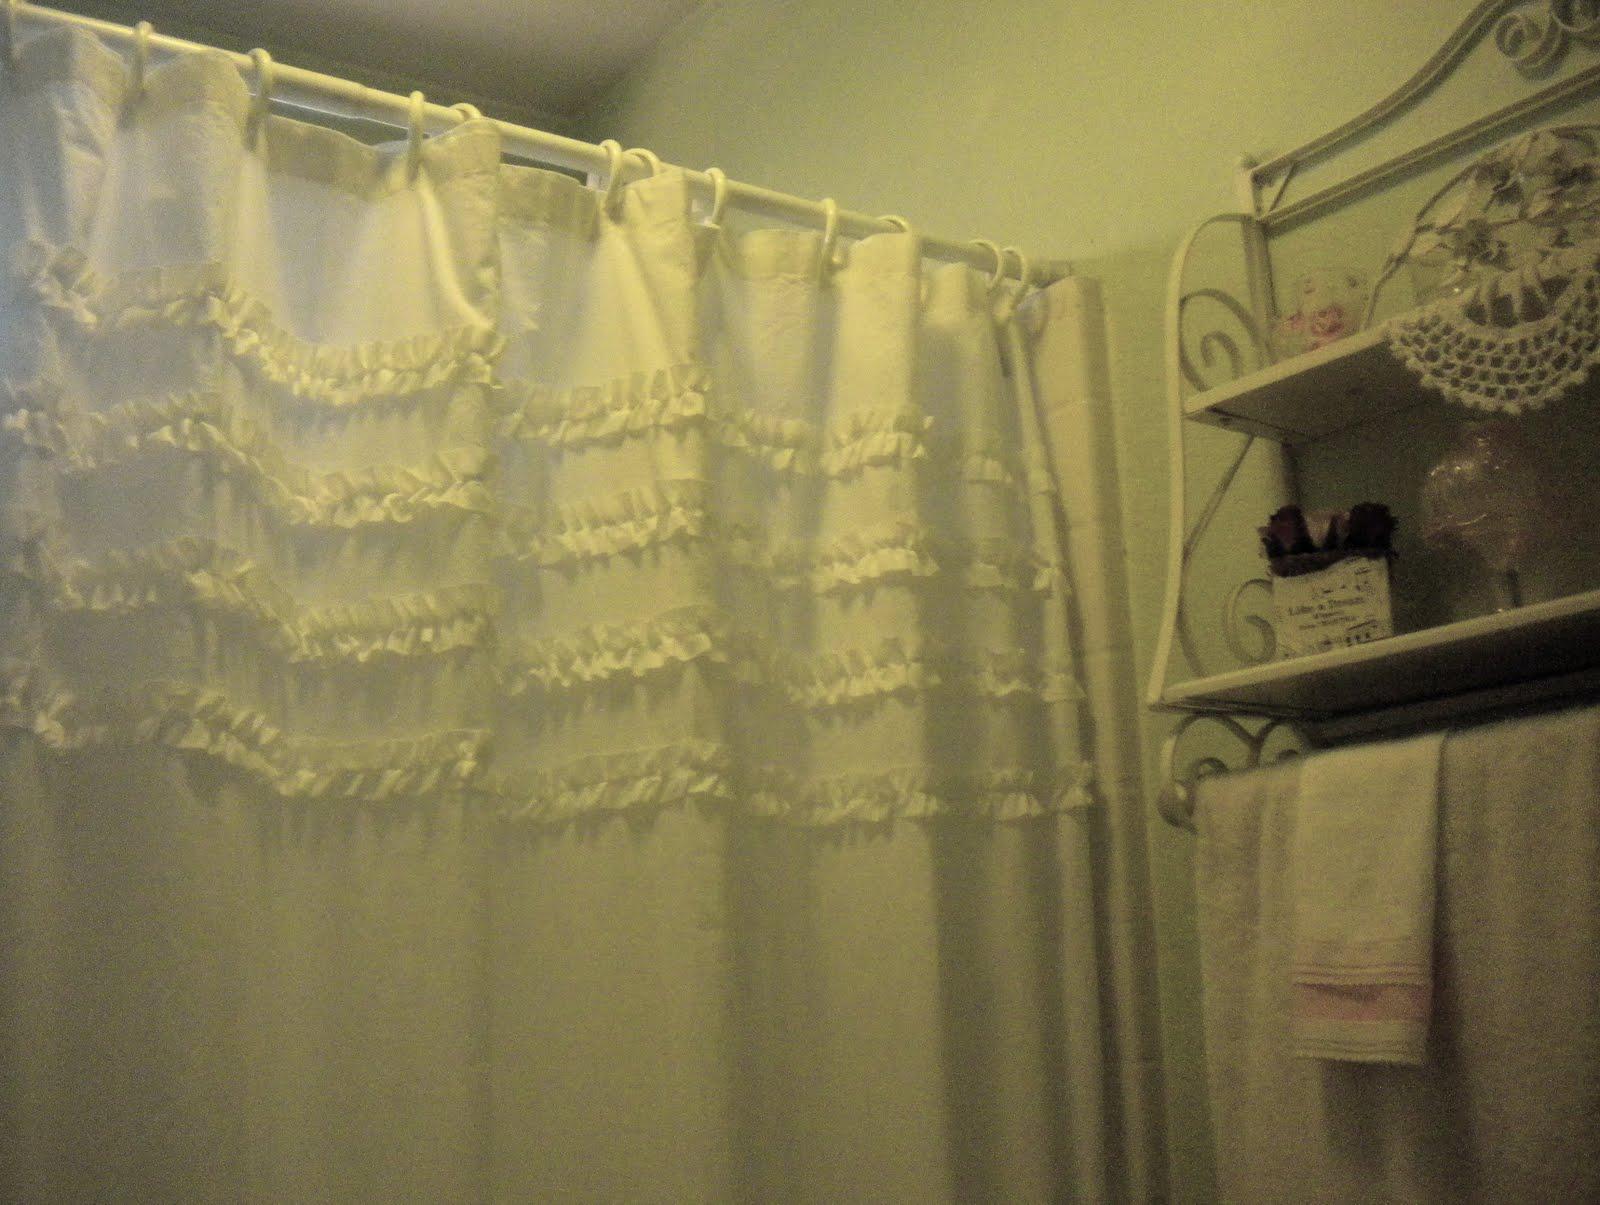 Shabby Chic Inspired Shower Curtain